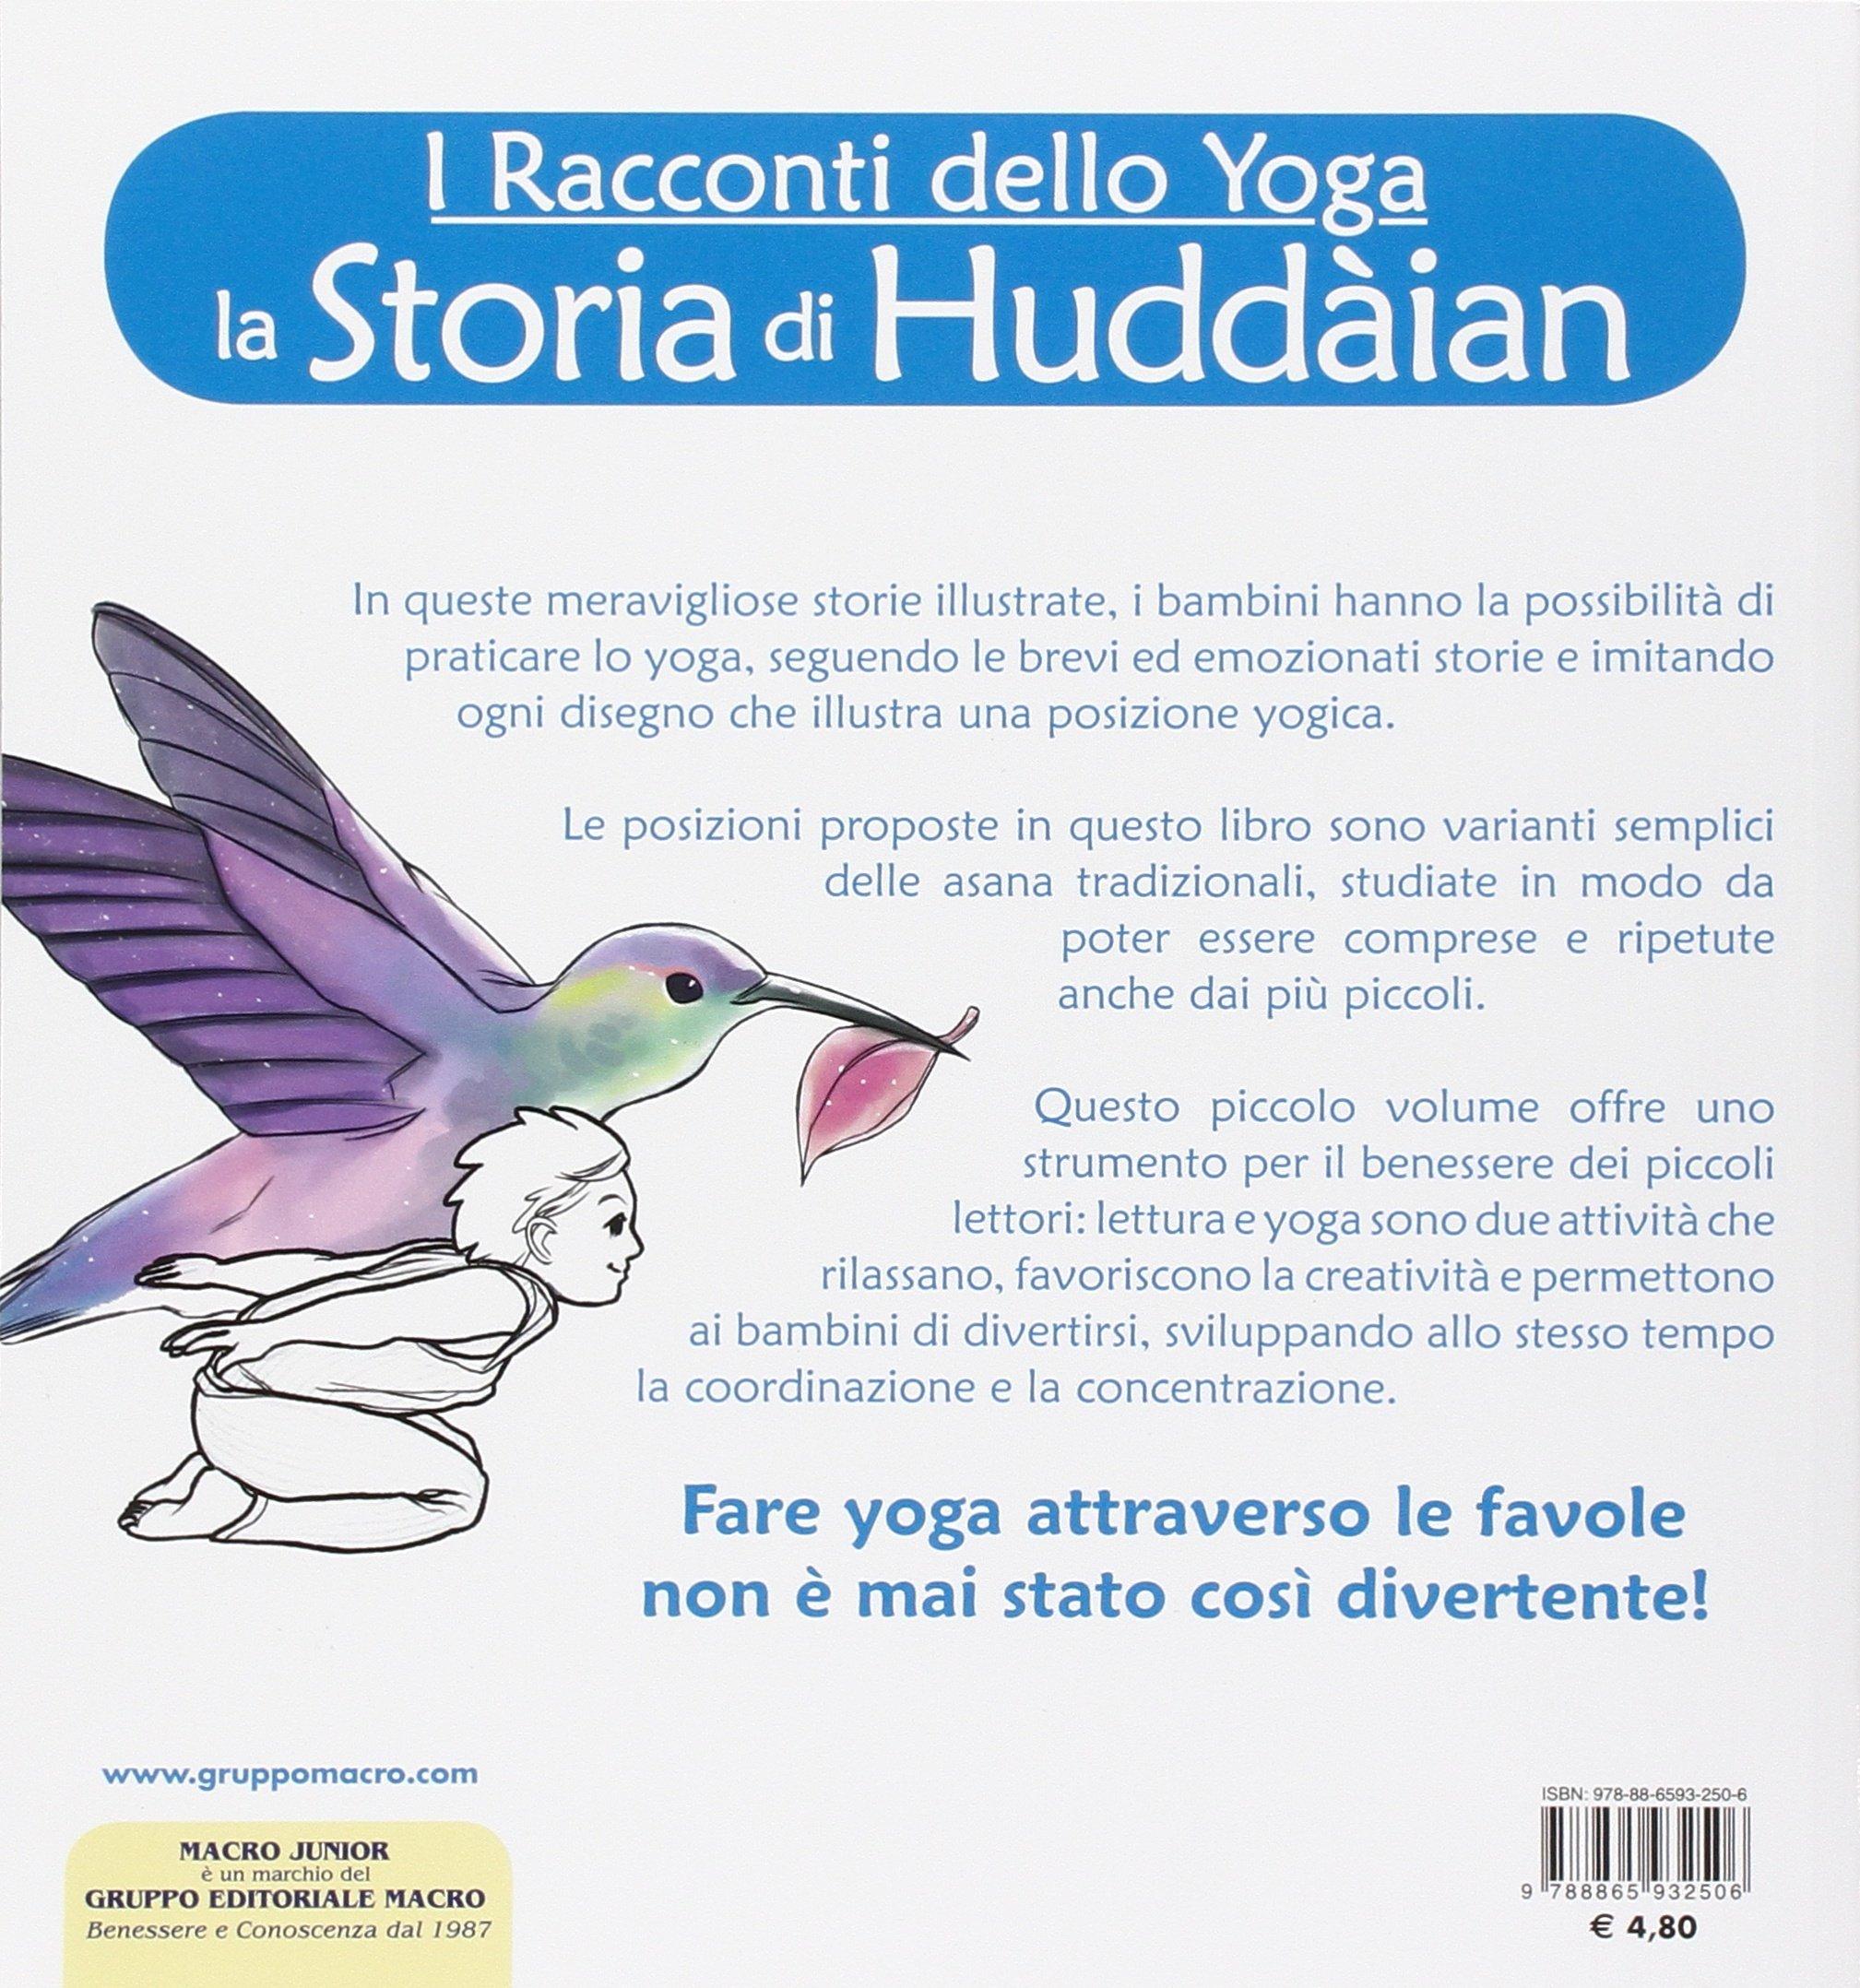 La storia di Huddain. I racconti dello yoga: Amazon.es ...